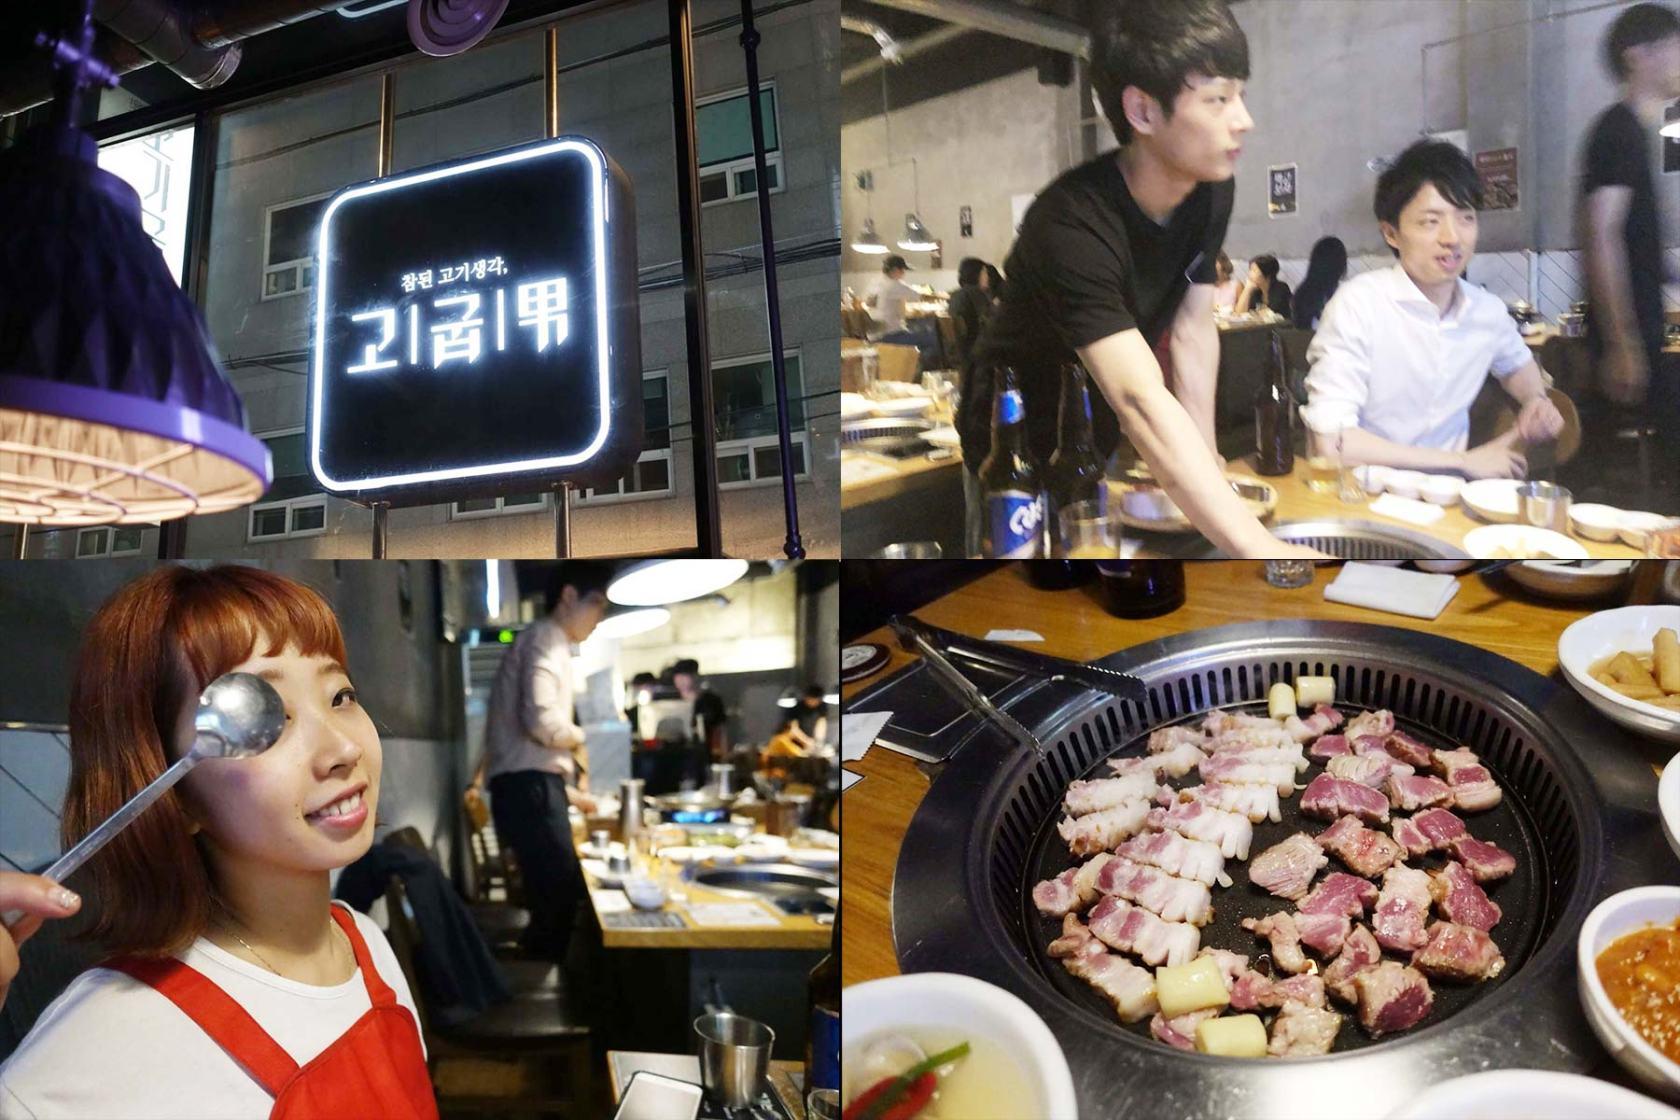 プサン(釜山)で食す絶品サムギョプサルとイケメンに会える店 | 肉を焼く男子(고기굽는남자)